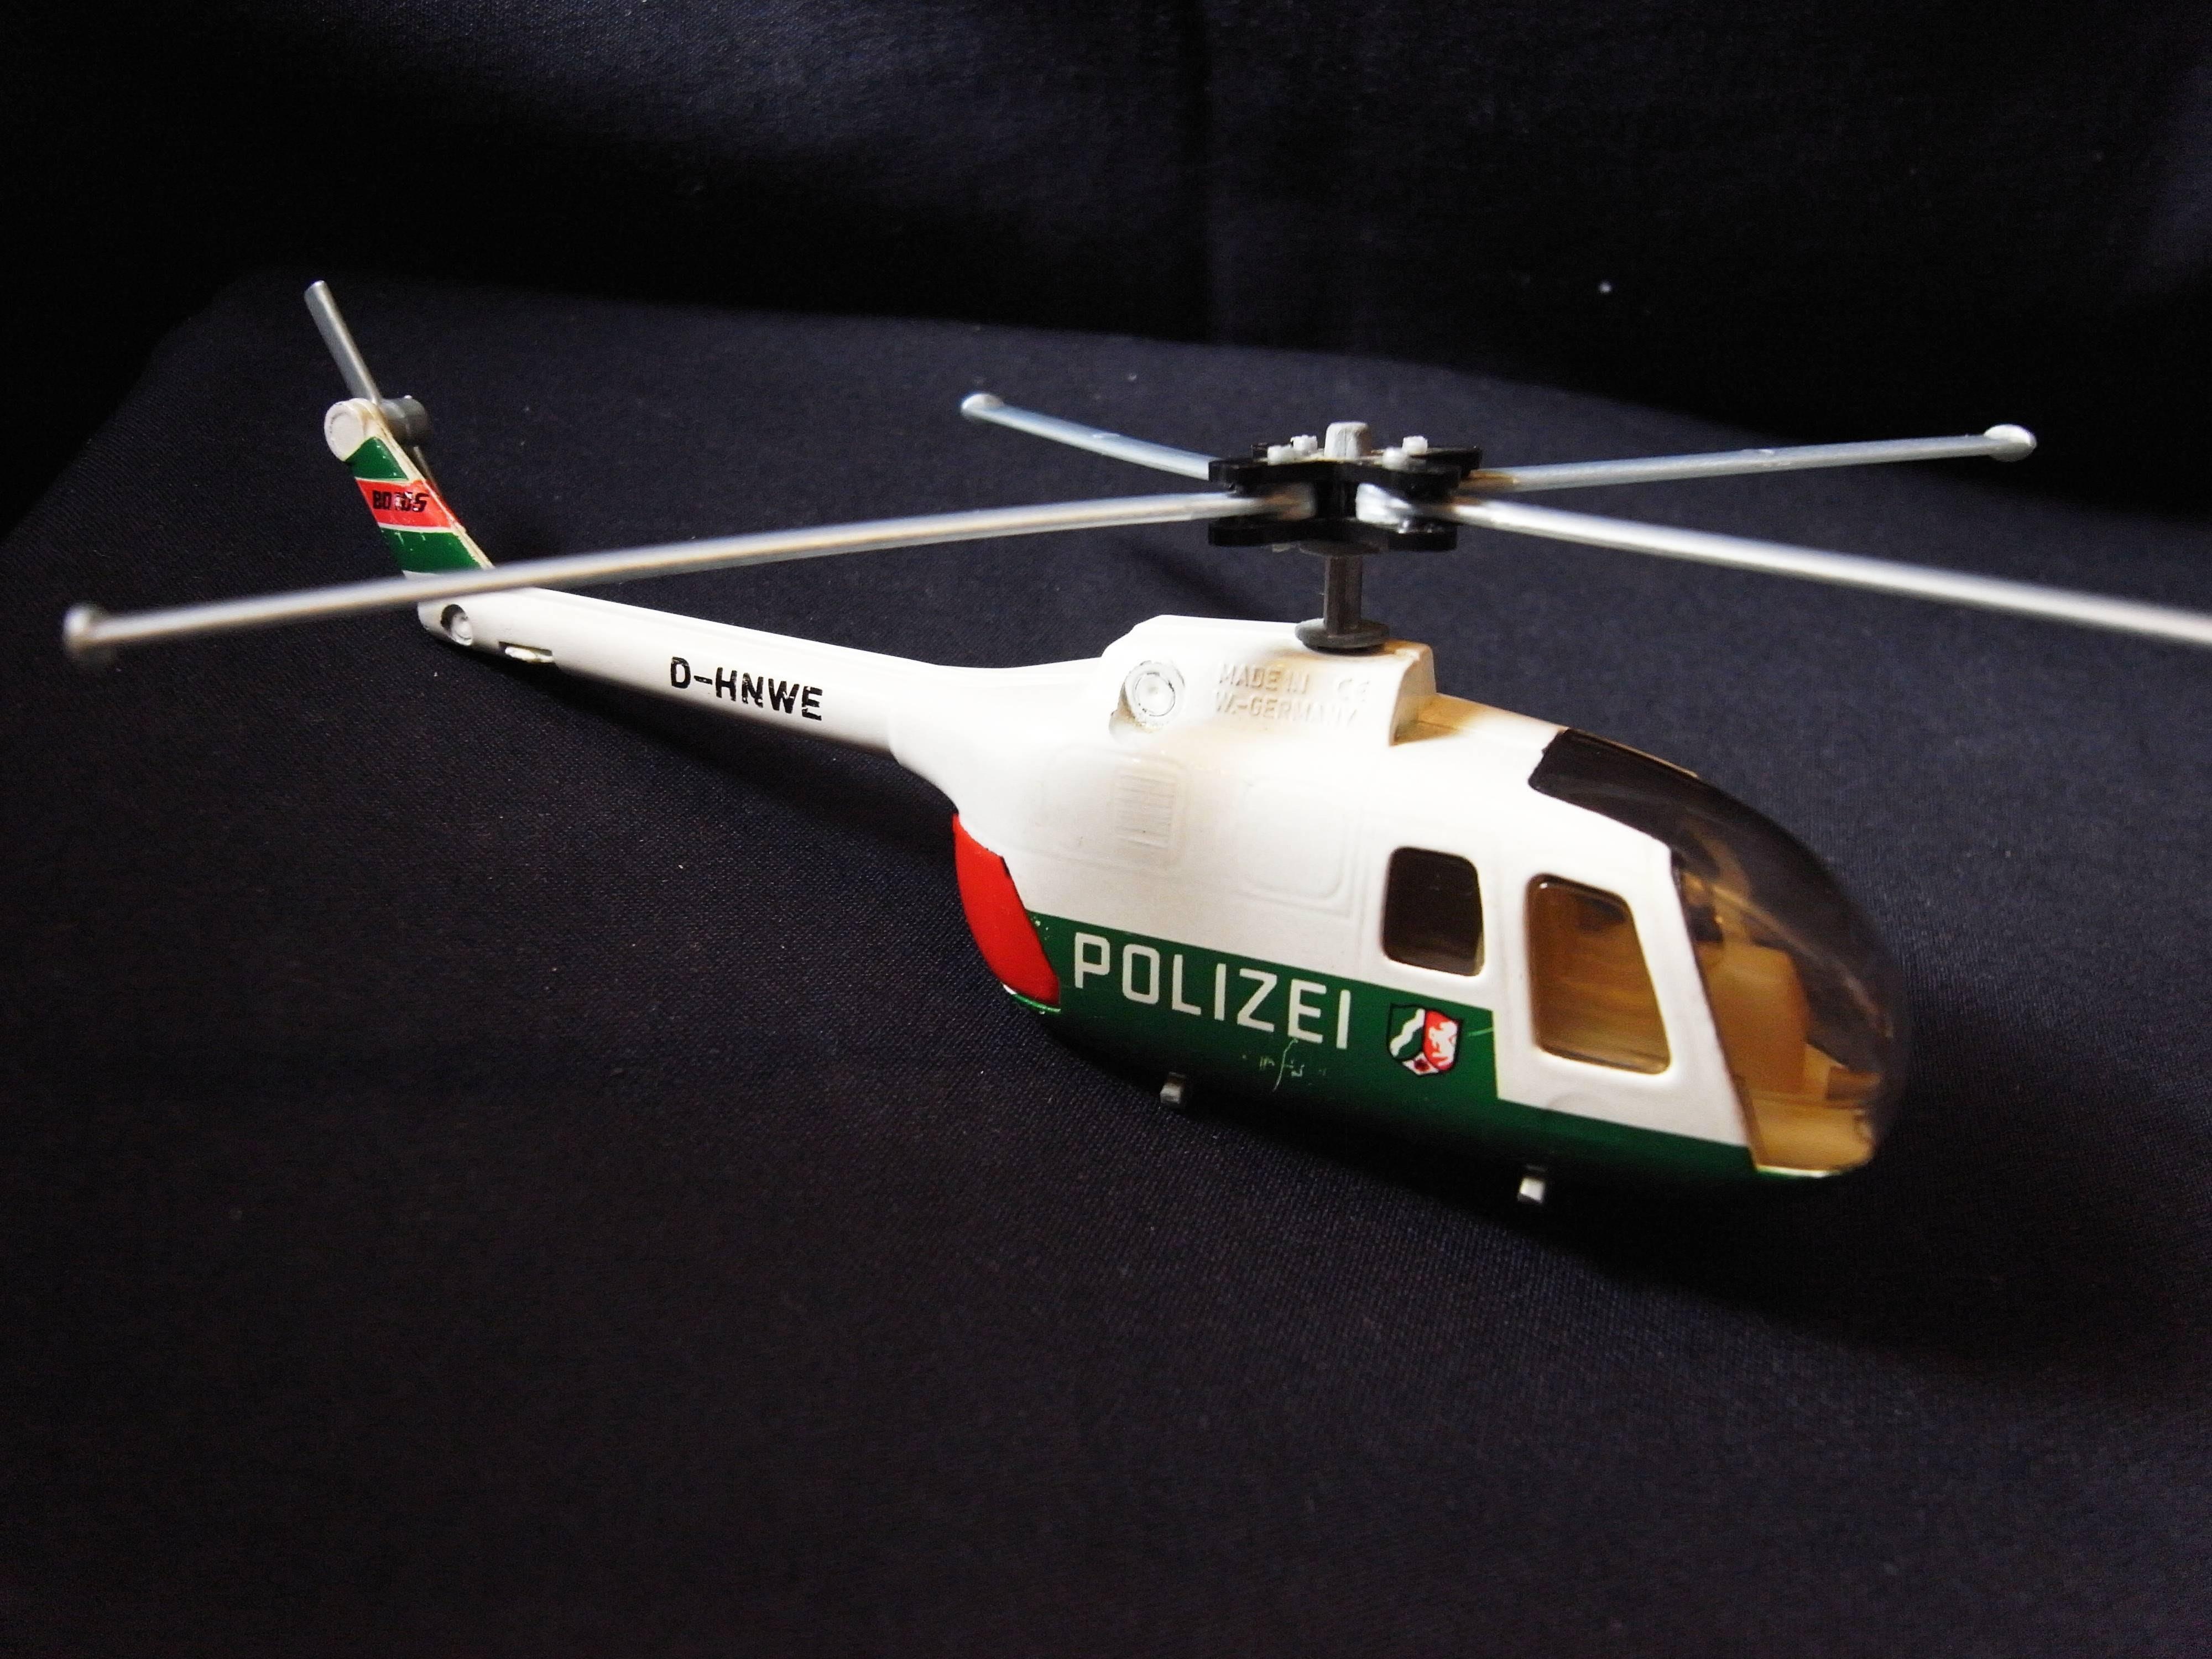 *阿威的藏寶箱‧*【絕版特價 德國製 D-HNWE  POLIZEI 直升機模型】